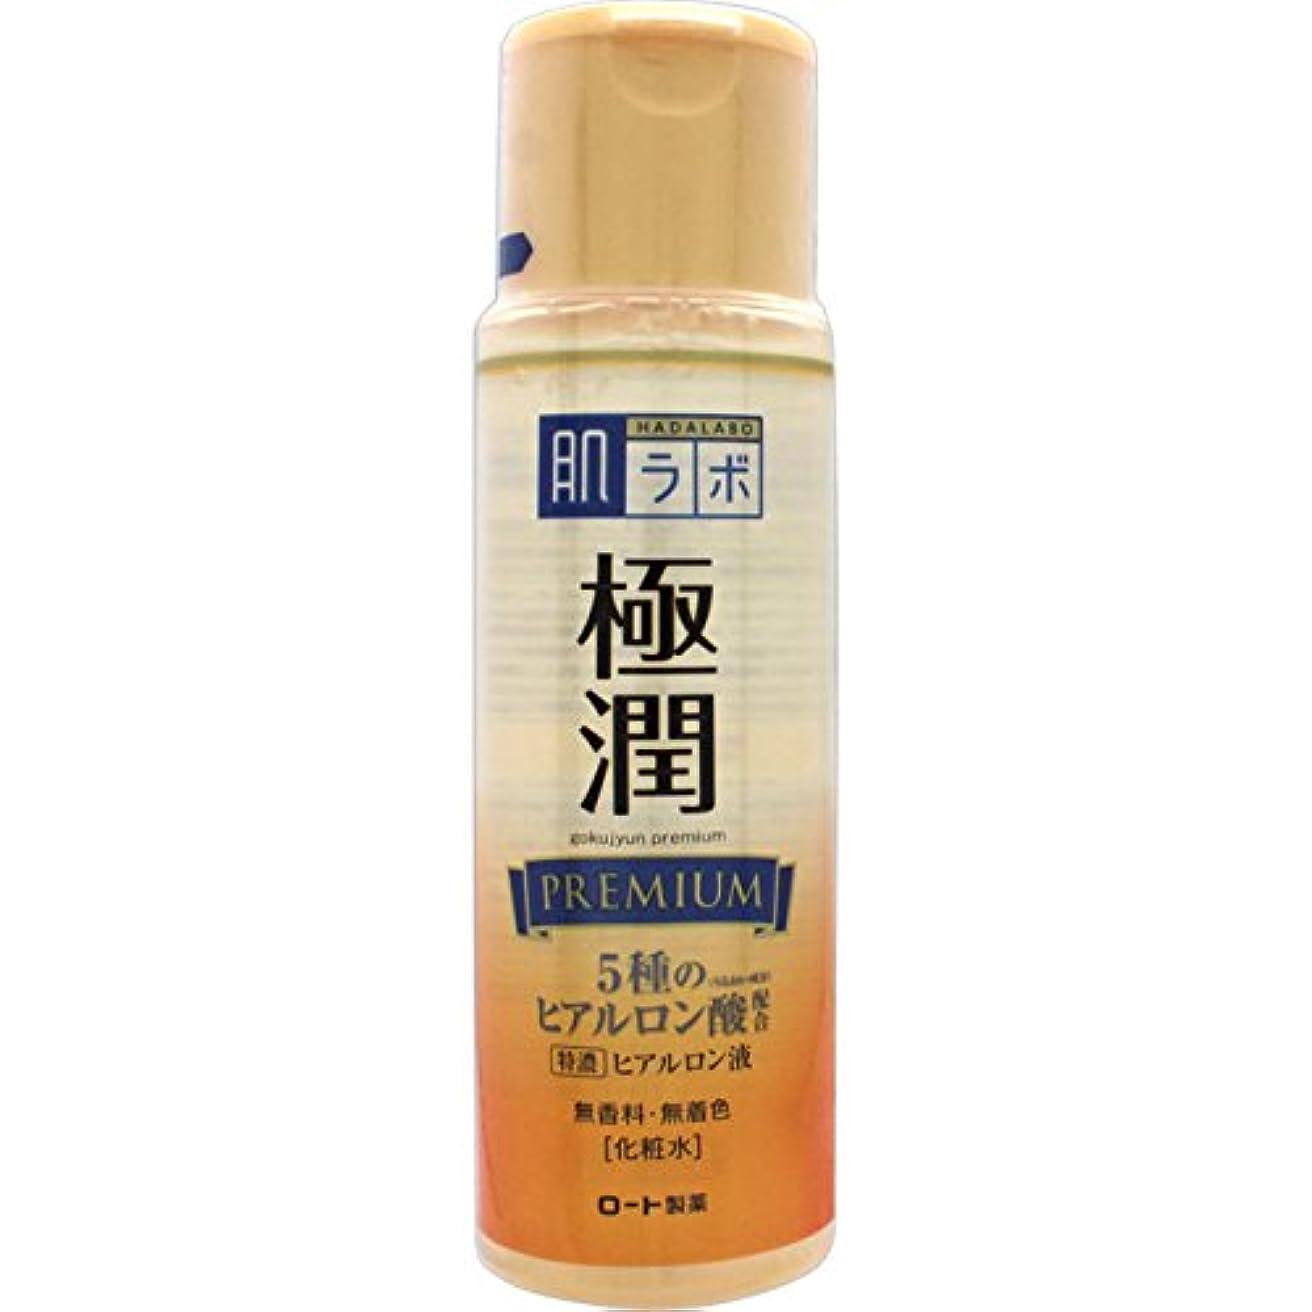 不良品住人ご近所肌ラボ 極潤プレミアム 特濃ヒアルロン酸 化粧水 ヒアルロン酸5種類×サクラン配合 170mL